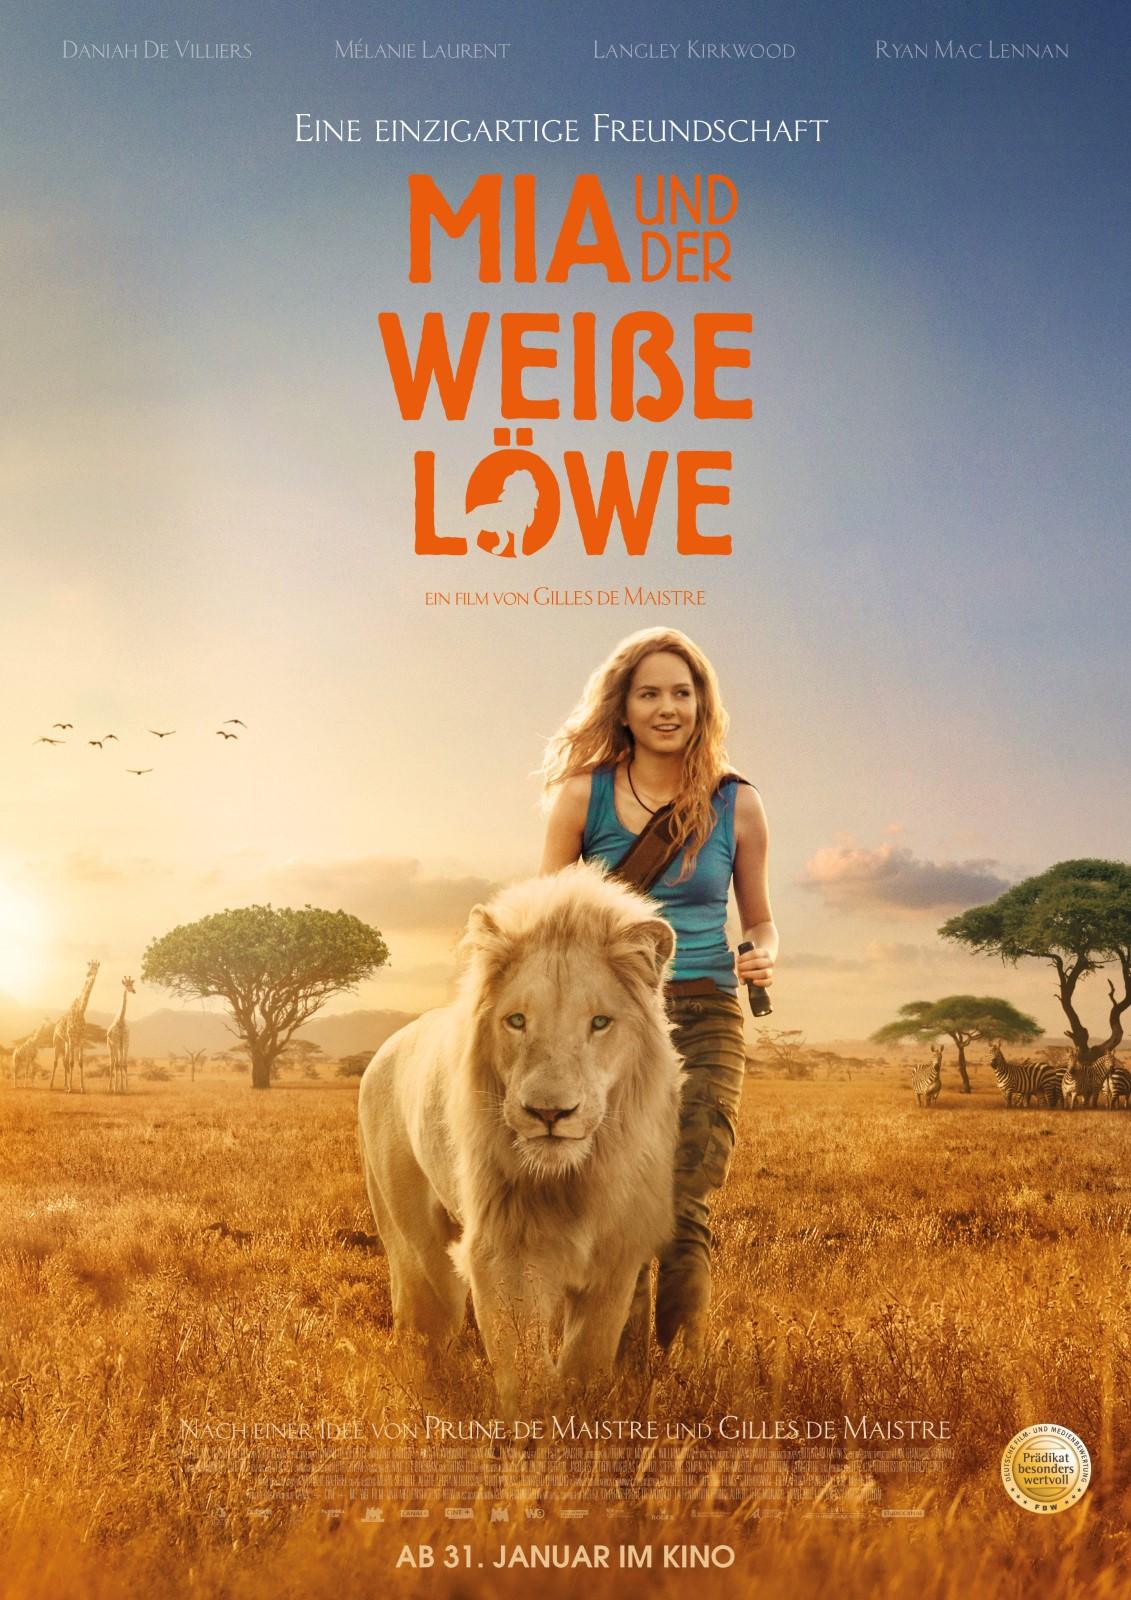 Kinoprogramm Für Mia Und Der Weiße Löwe In Hoppstädten Weiersbach